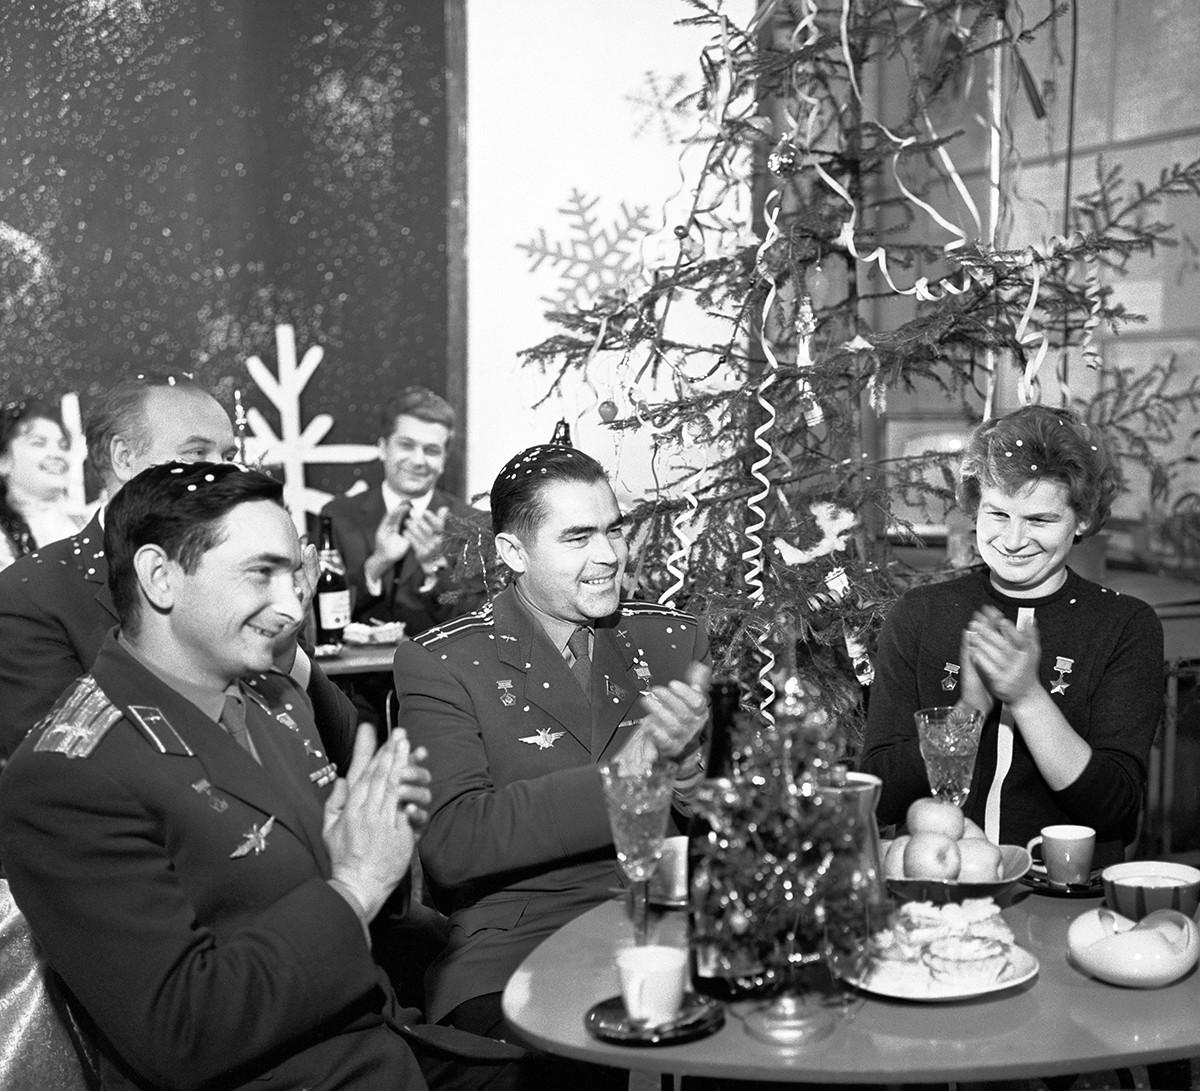 Moscow. USSR. Soviet cosmonauts Valery Bykovsky, Andrian Nikolayev, and Valentina Tereshkova (L-R) shooting in TV show